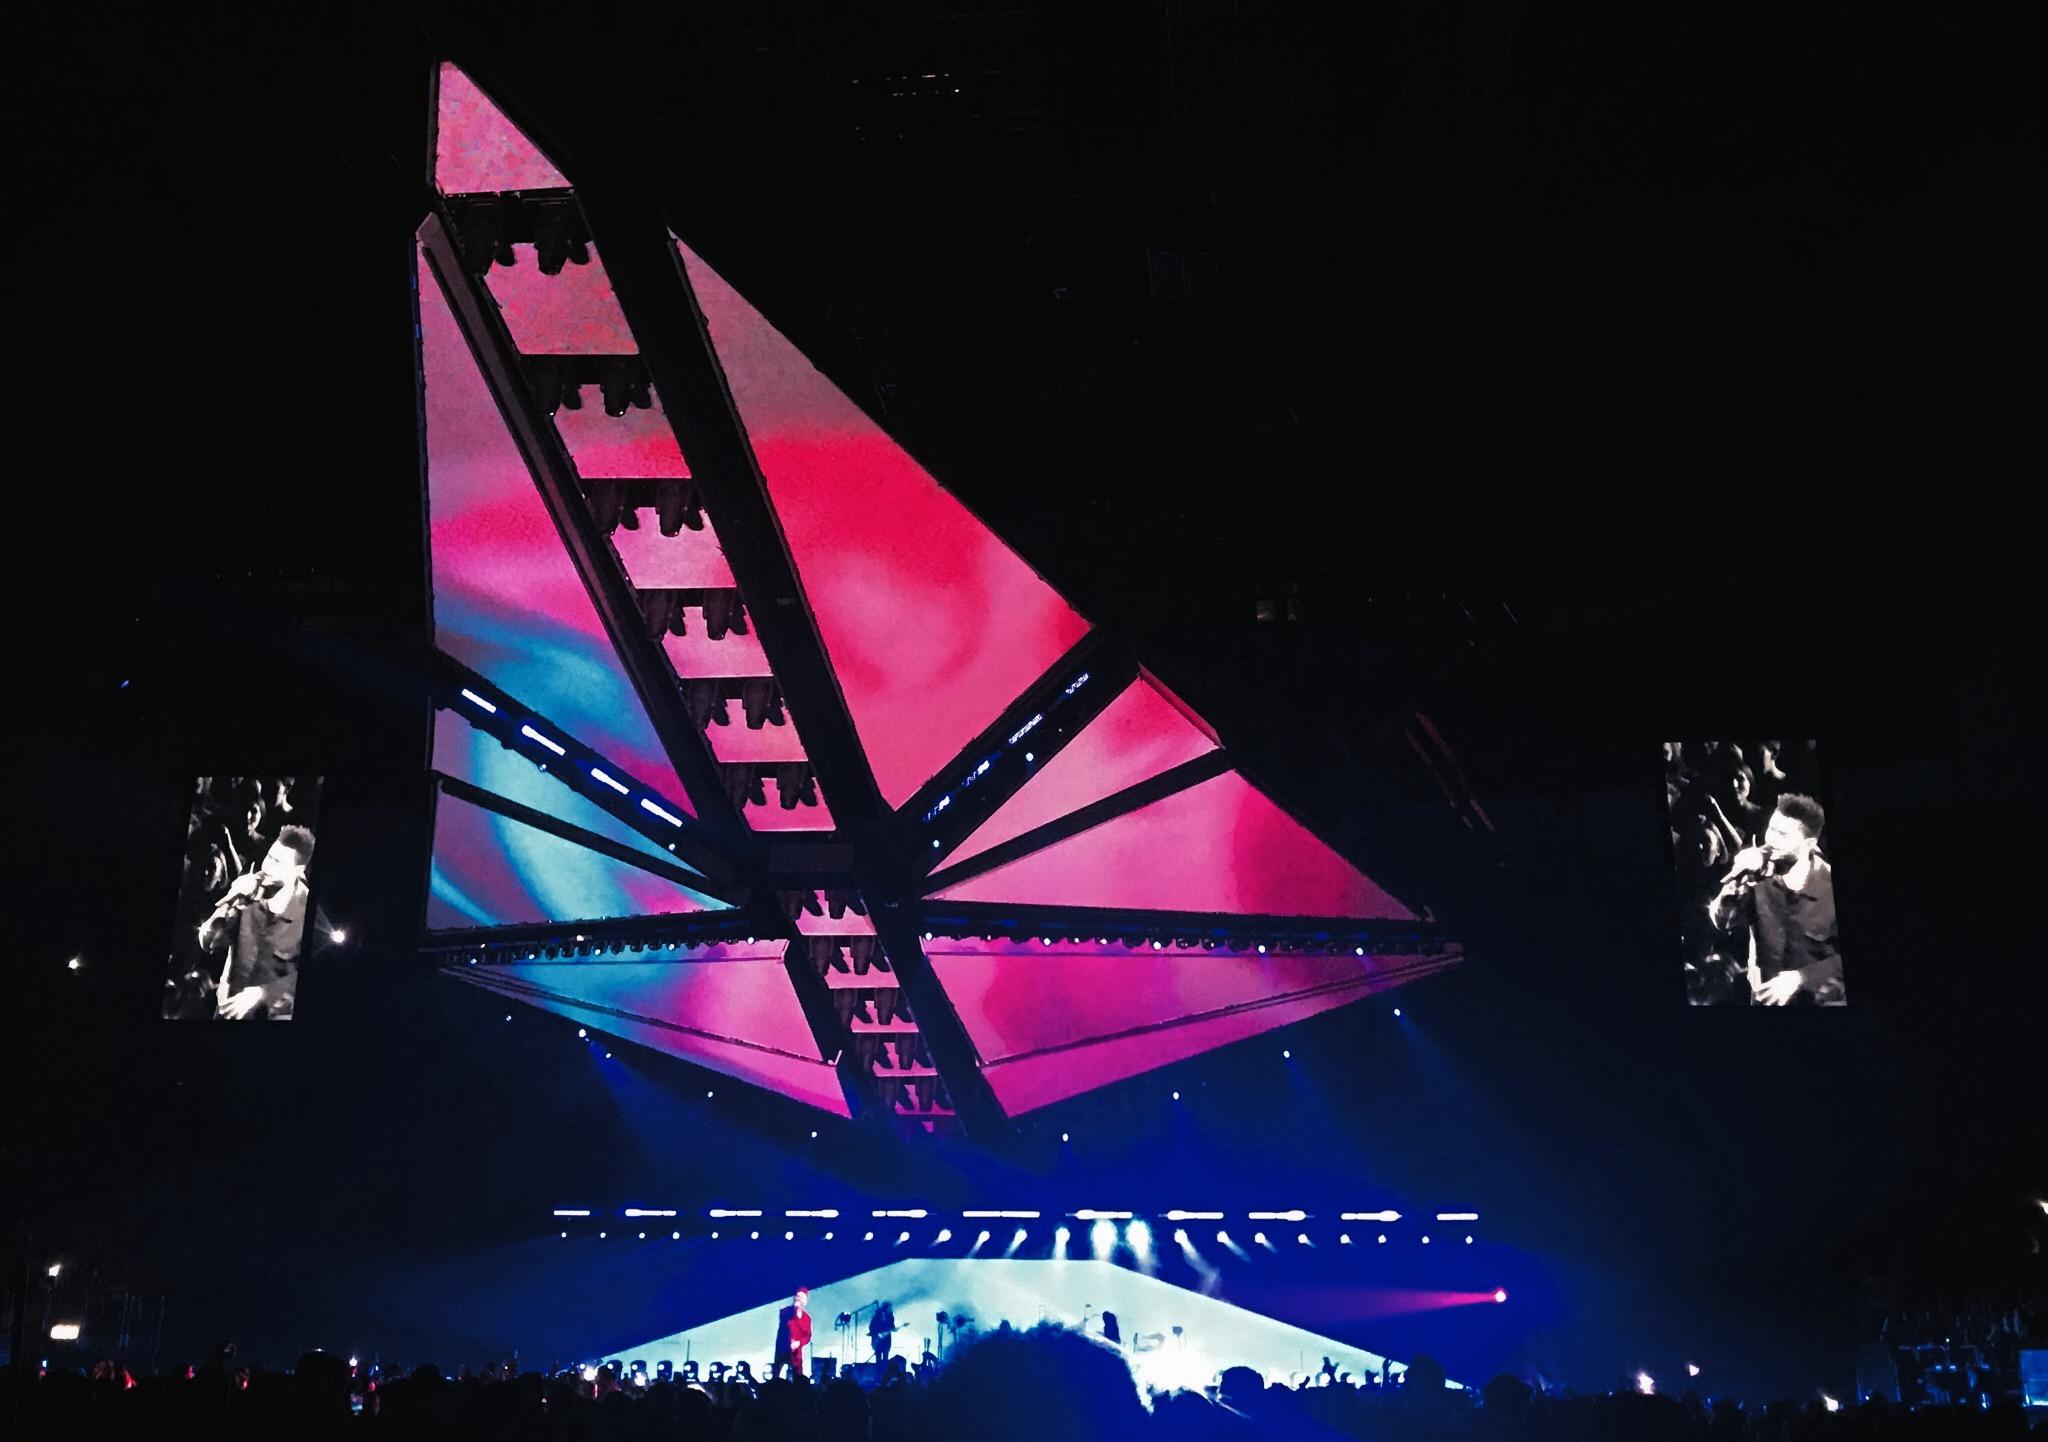 adele tour 2018 europa